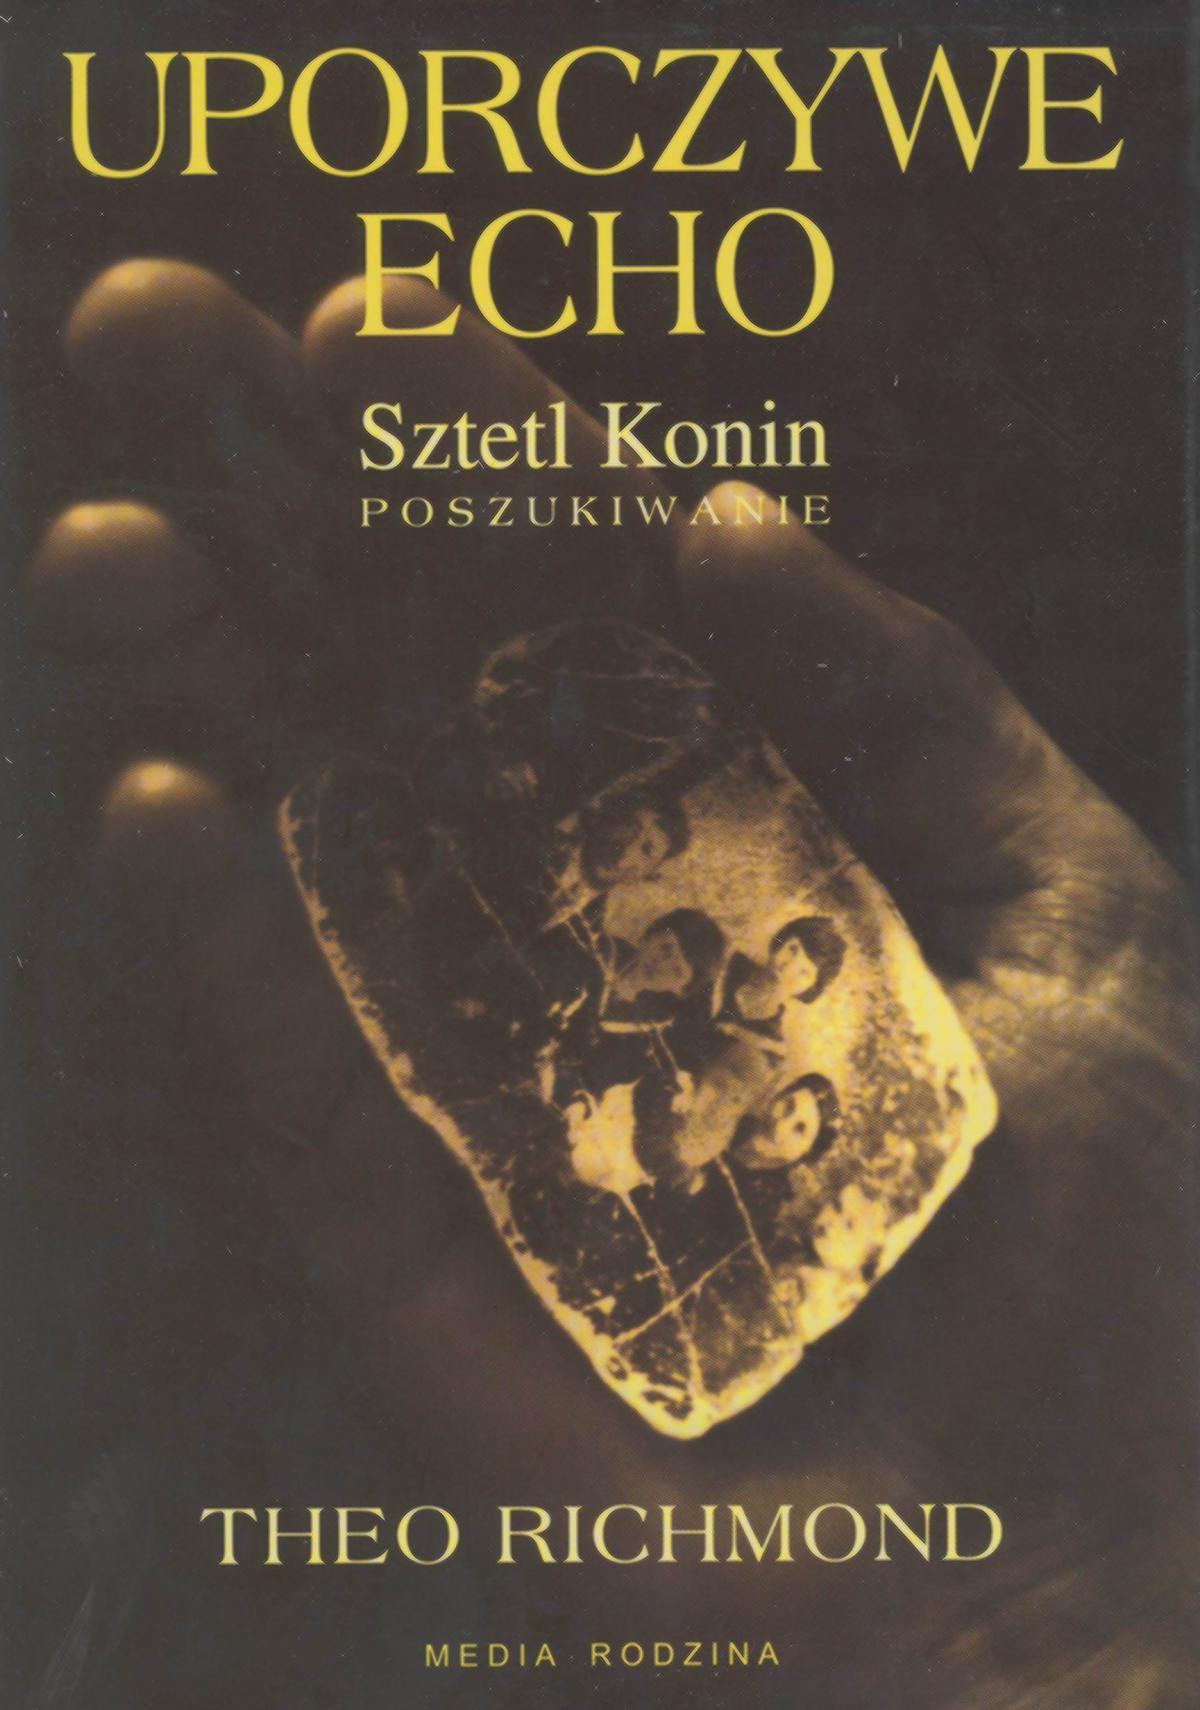 Uporczywe echo - Ebook (Książka na Kindle) do pobrania w formacie MOBI